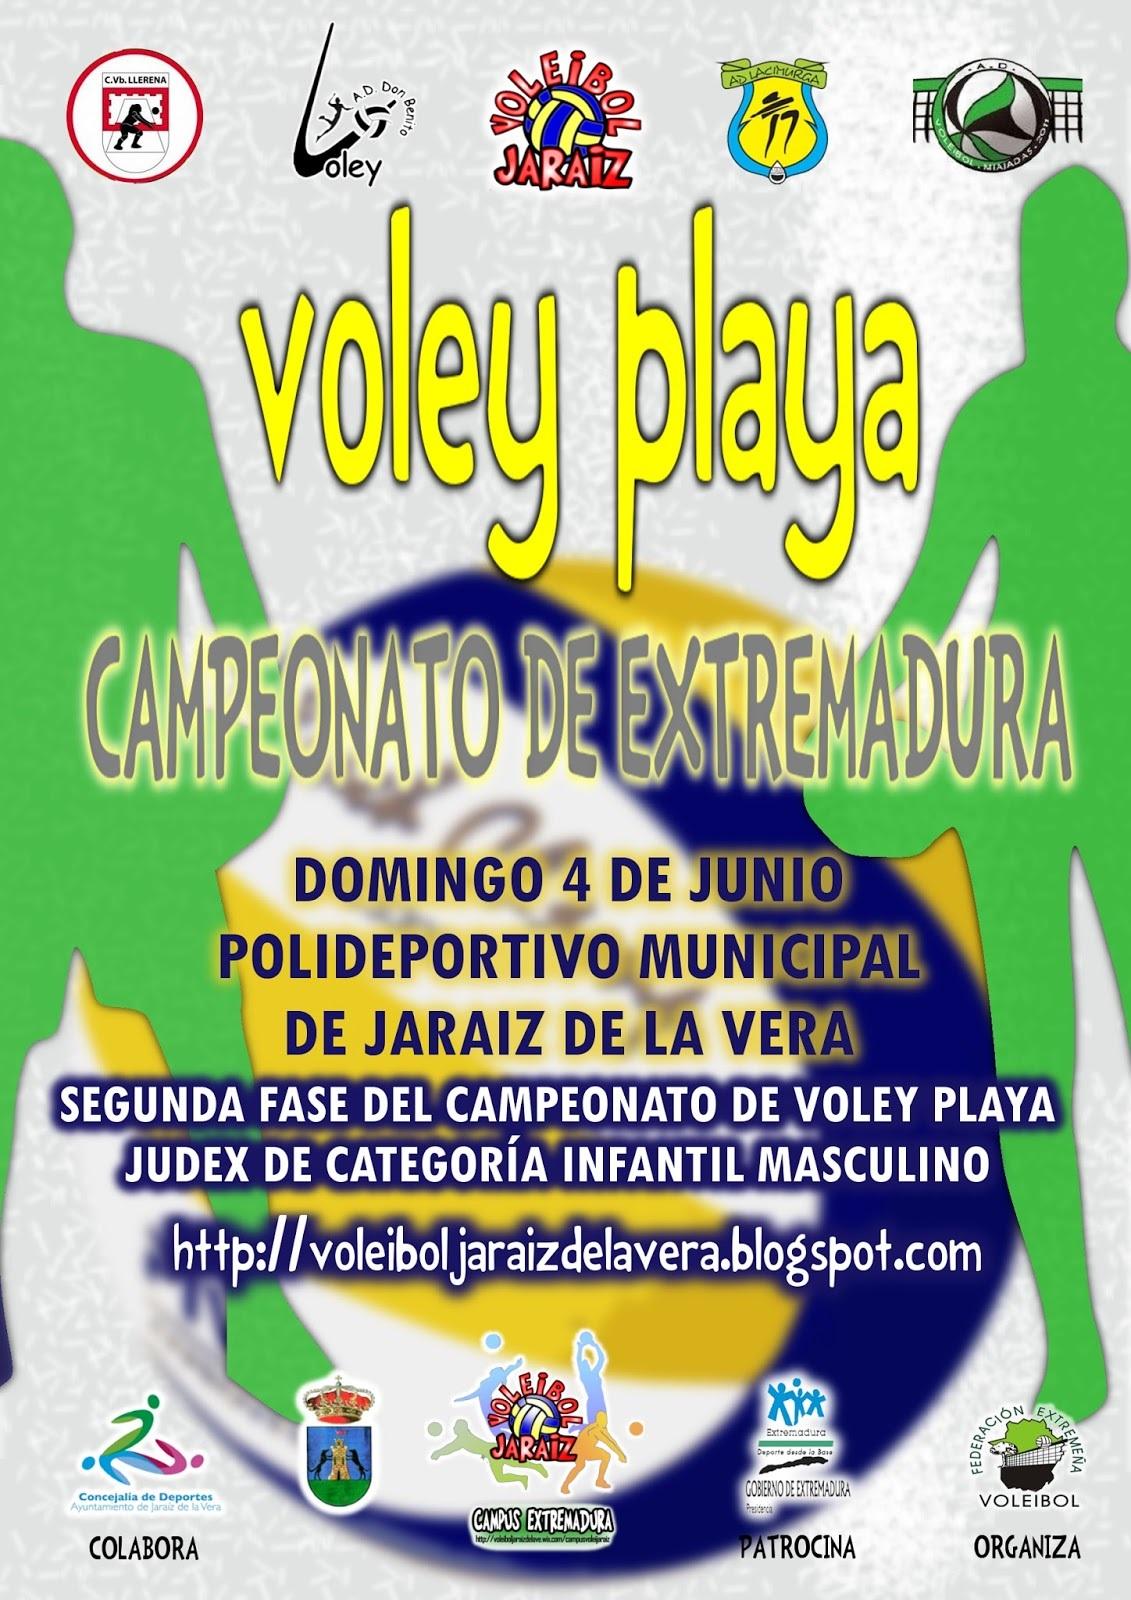 Mañana Segunda Fase del Campeonato de Extremadura de Voley Playa en Jaraíz de la Vera